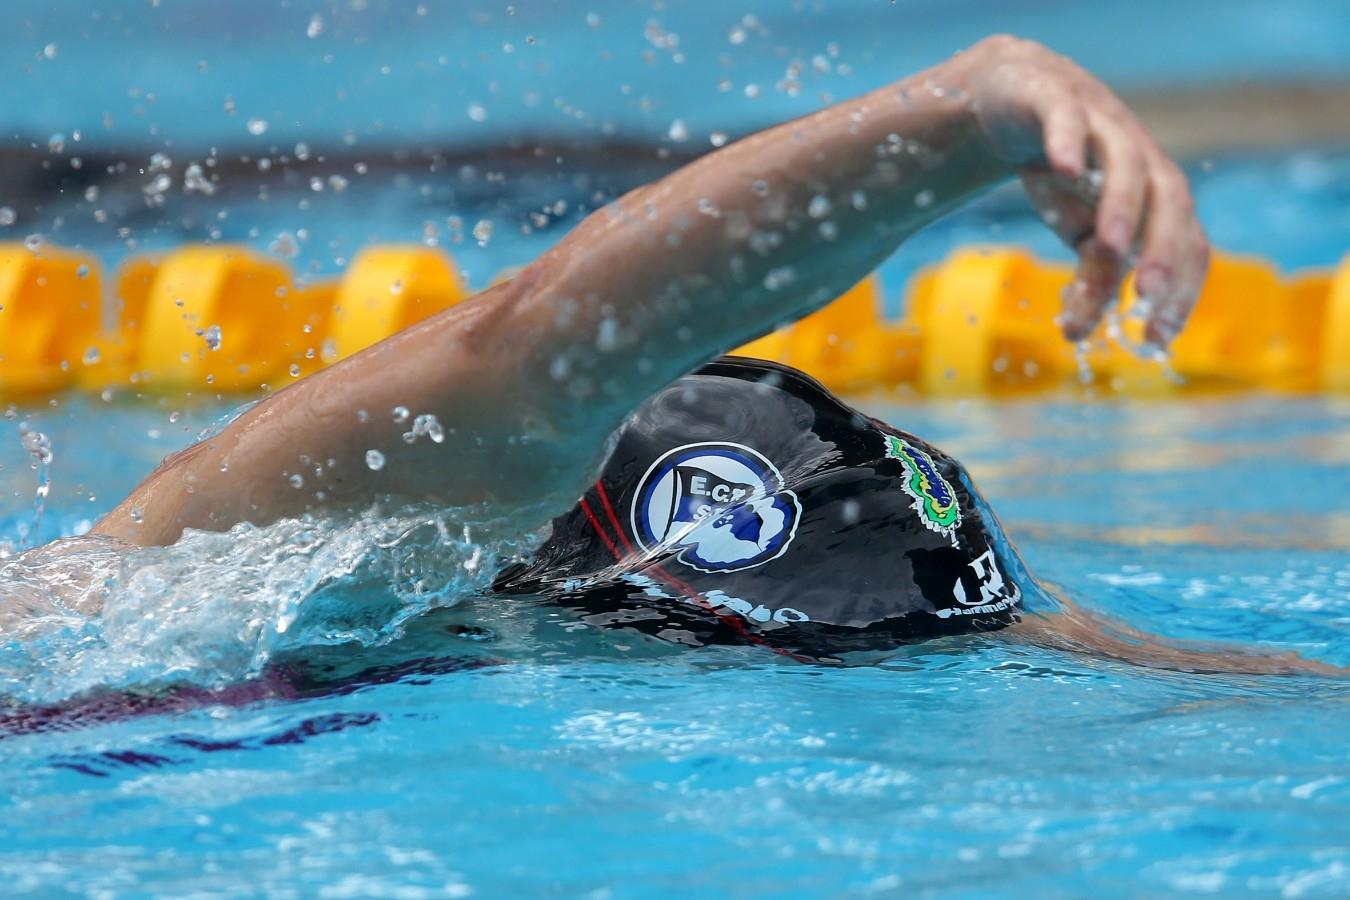 Manuella Lyrio. Trofeu Maria Lenk. Parque Aquatico Maria Lenk. 05 de Maio de 2017, Rio de Janeiro, RJ, Brasil. Foto: Satiro Sodré/SSPress/CBDA